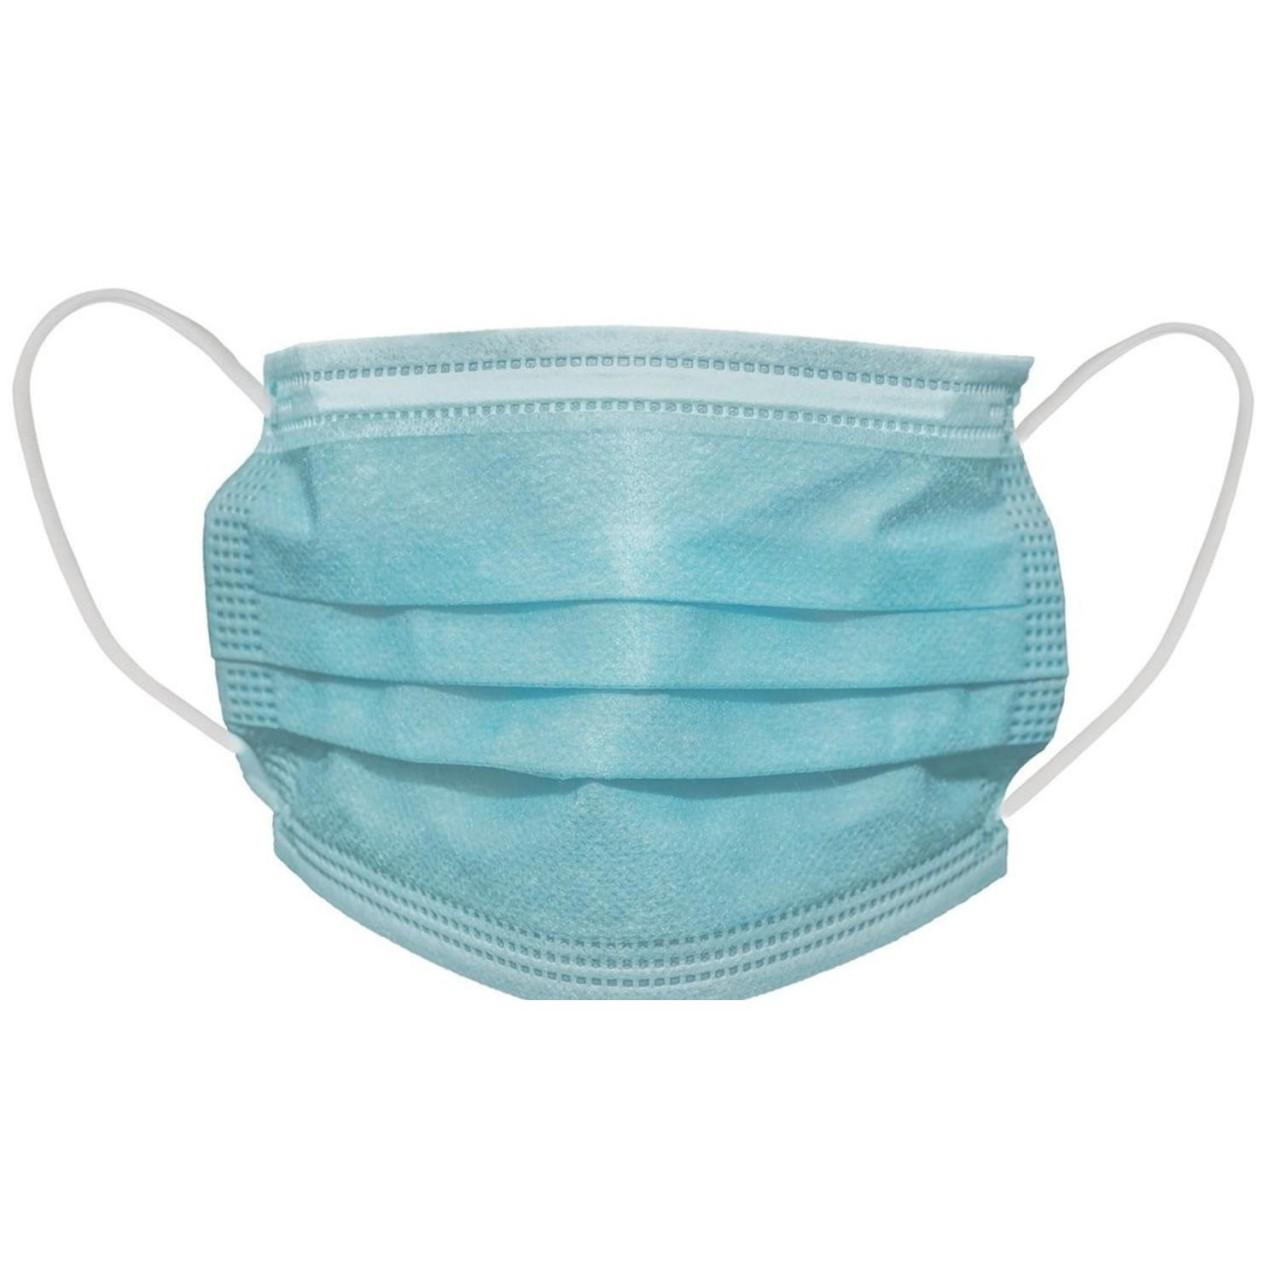 Chirurgische Maske 3- lagig EN 14683:2019 von Cherish- 50 Stück pro Packung